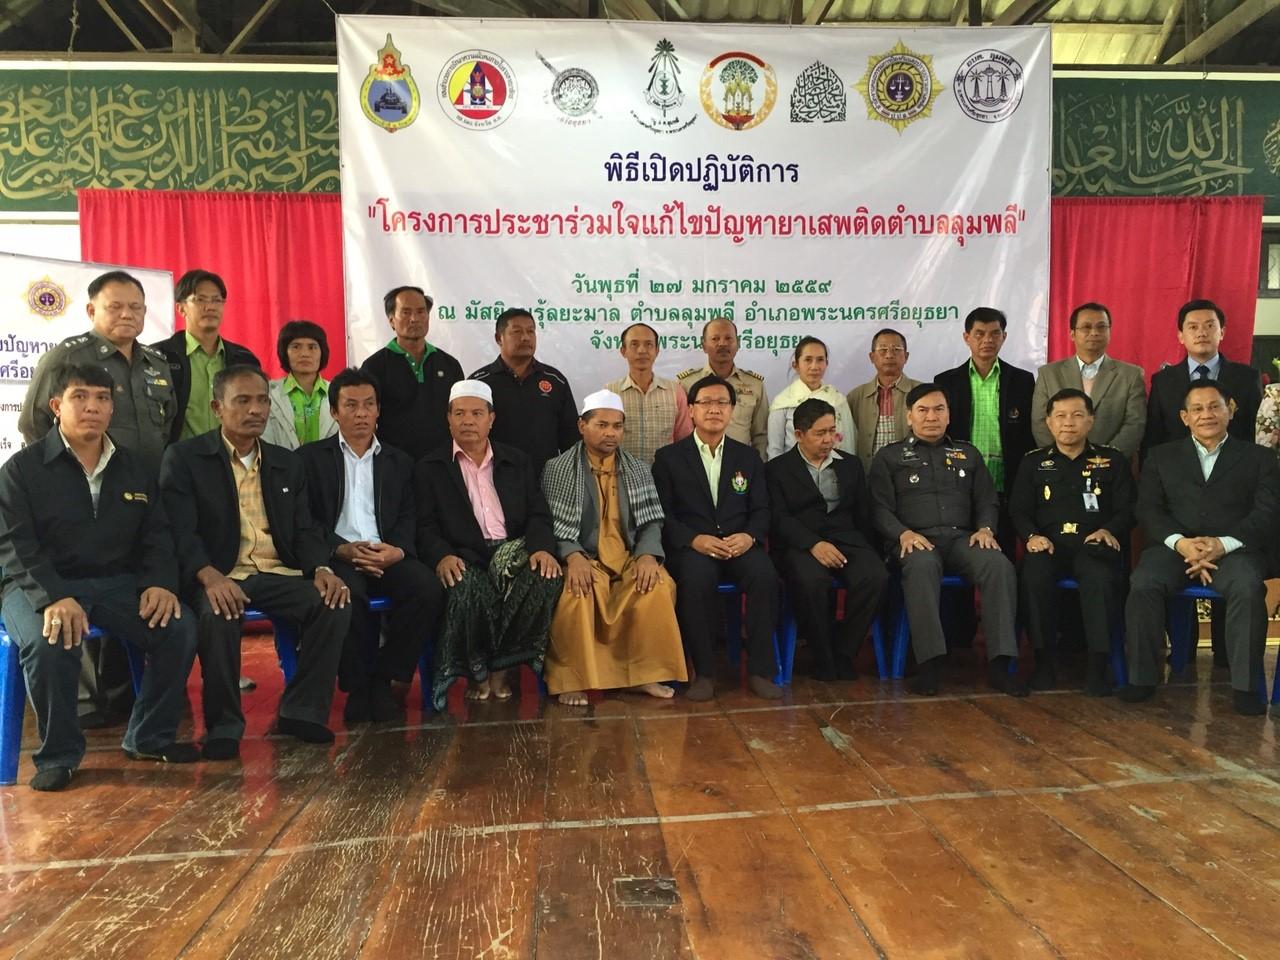 โครงการประชาร่วมใจแก้ไขปัญหายาเสพติดตำบลลุมพลี